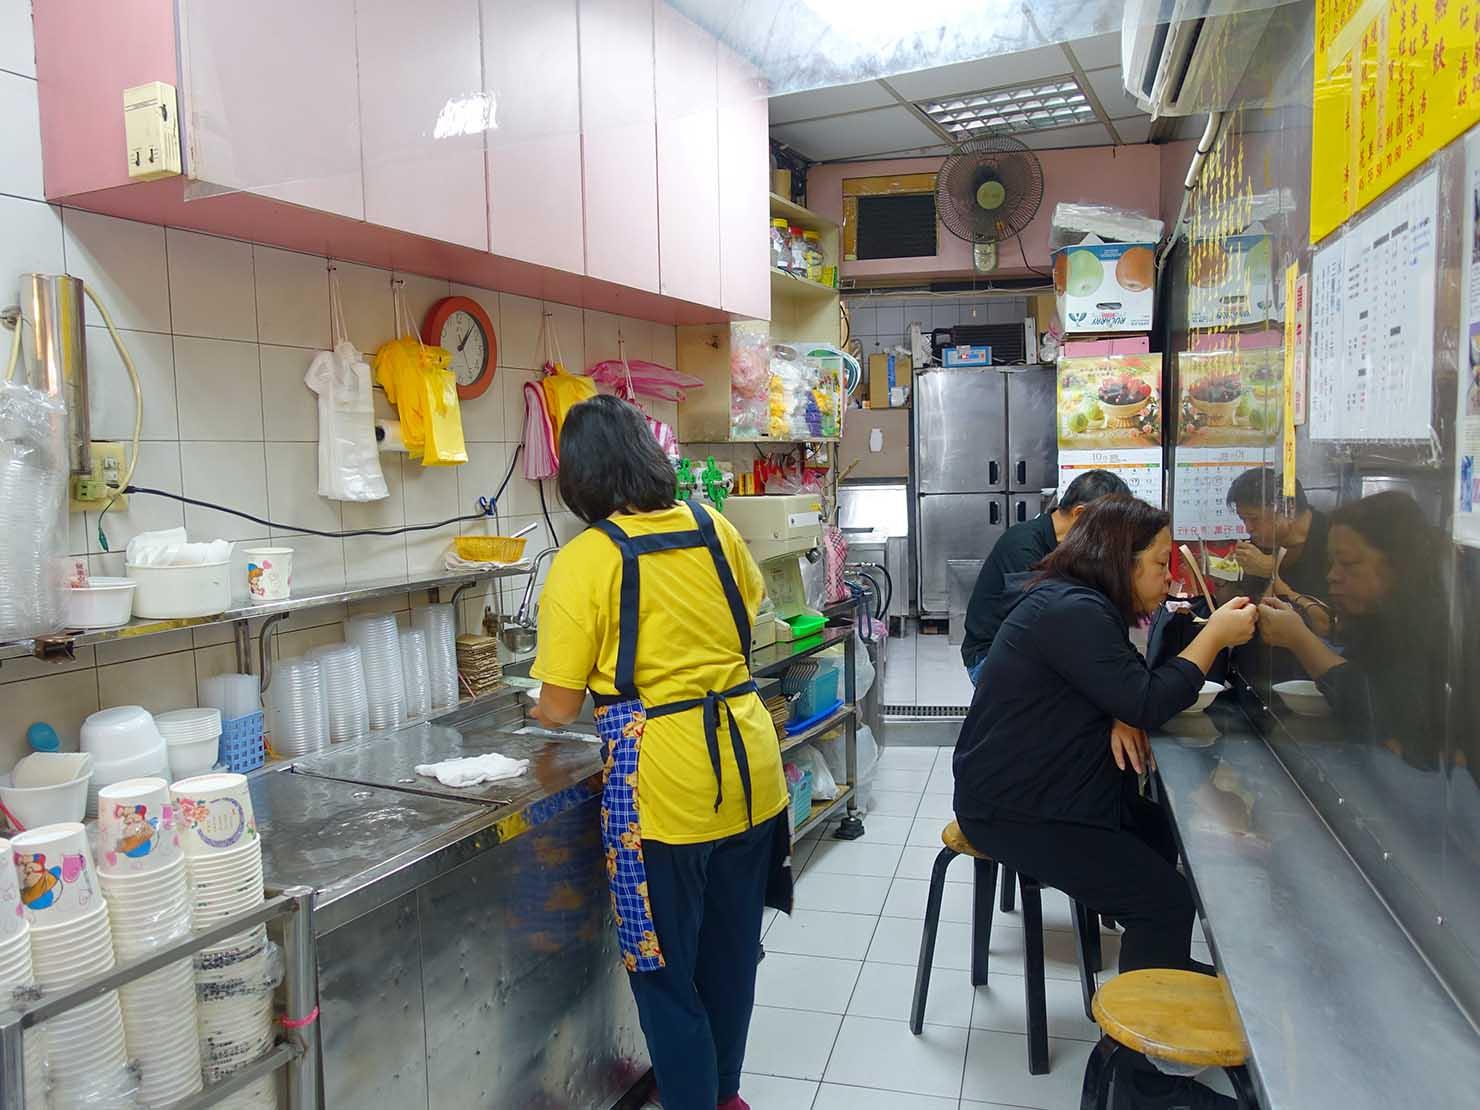 台北・民權西路&中山國中駅周辺(晴光市場)のおすすめグルメ店「丁香豆花」の店内